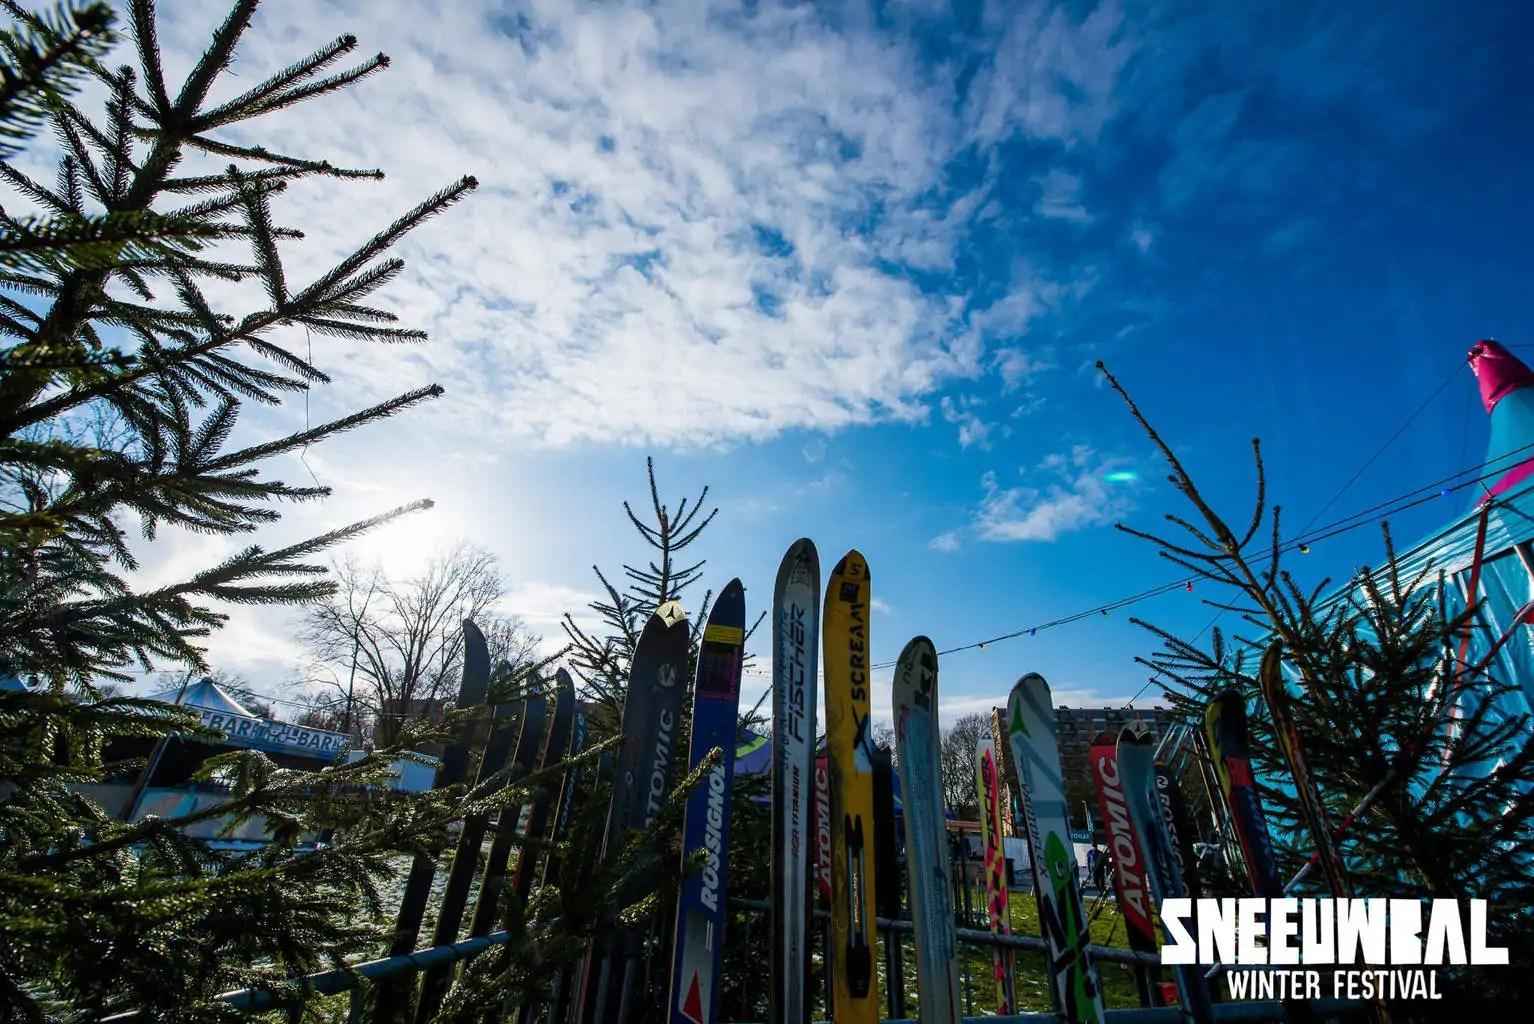 sneeuwbal winterfestival 4